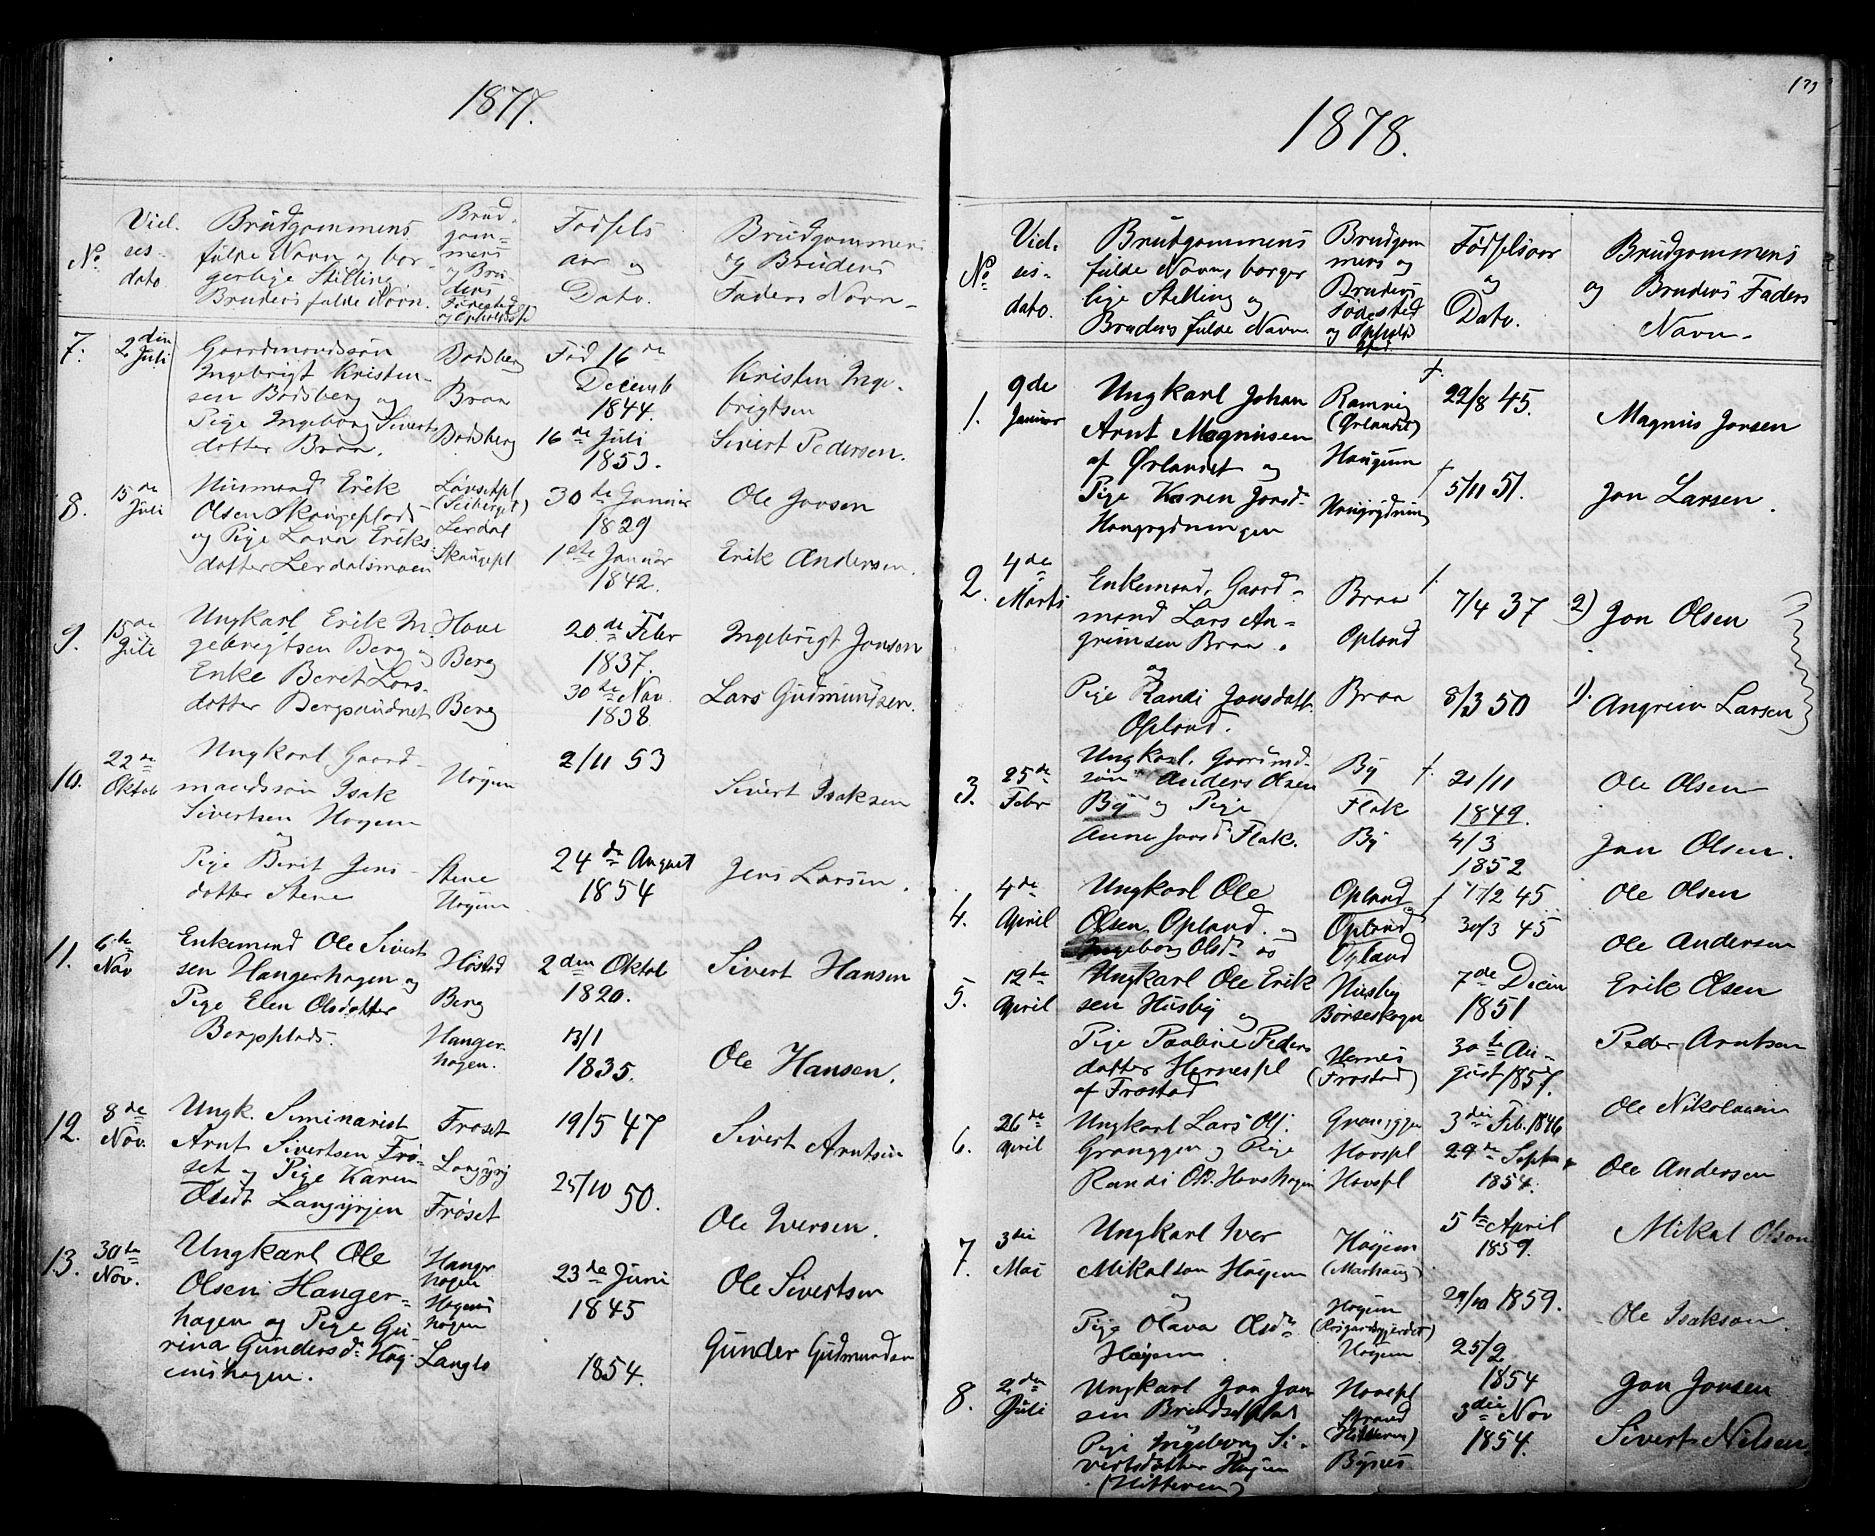 SAT, Ministerialprotokoller, klokkerbøker og fødselsregistre - Sør-Trøndelag, 612/L0387: Klokkerbok nr. 612C03, 1874-1908, s. 173